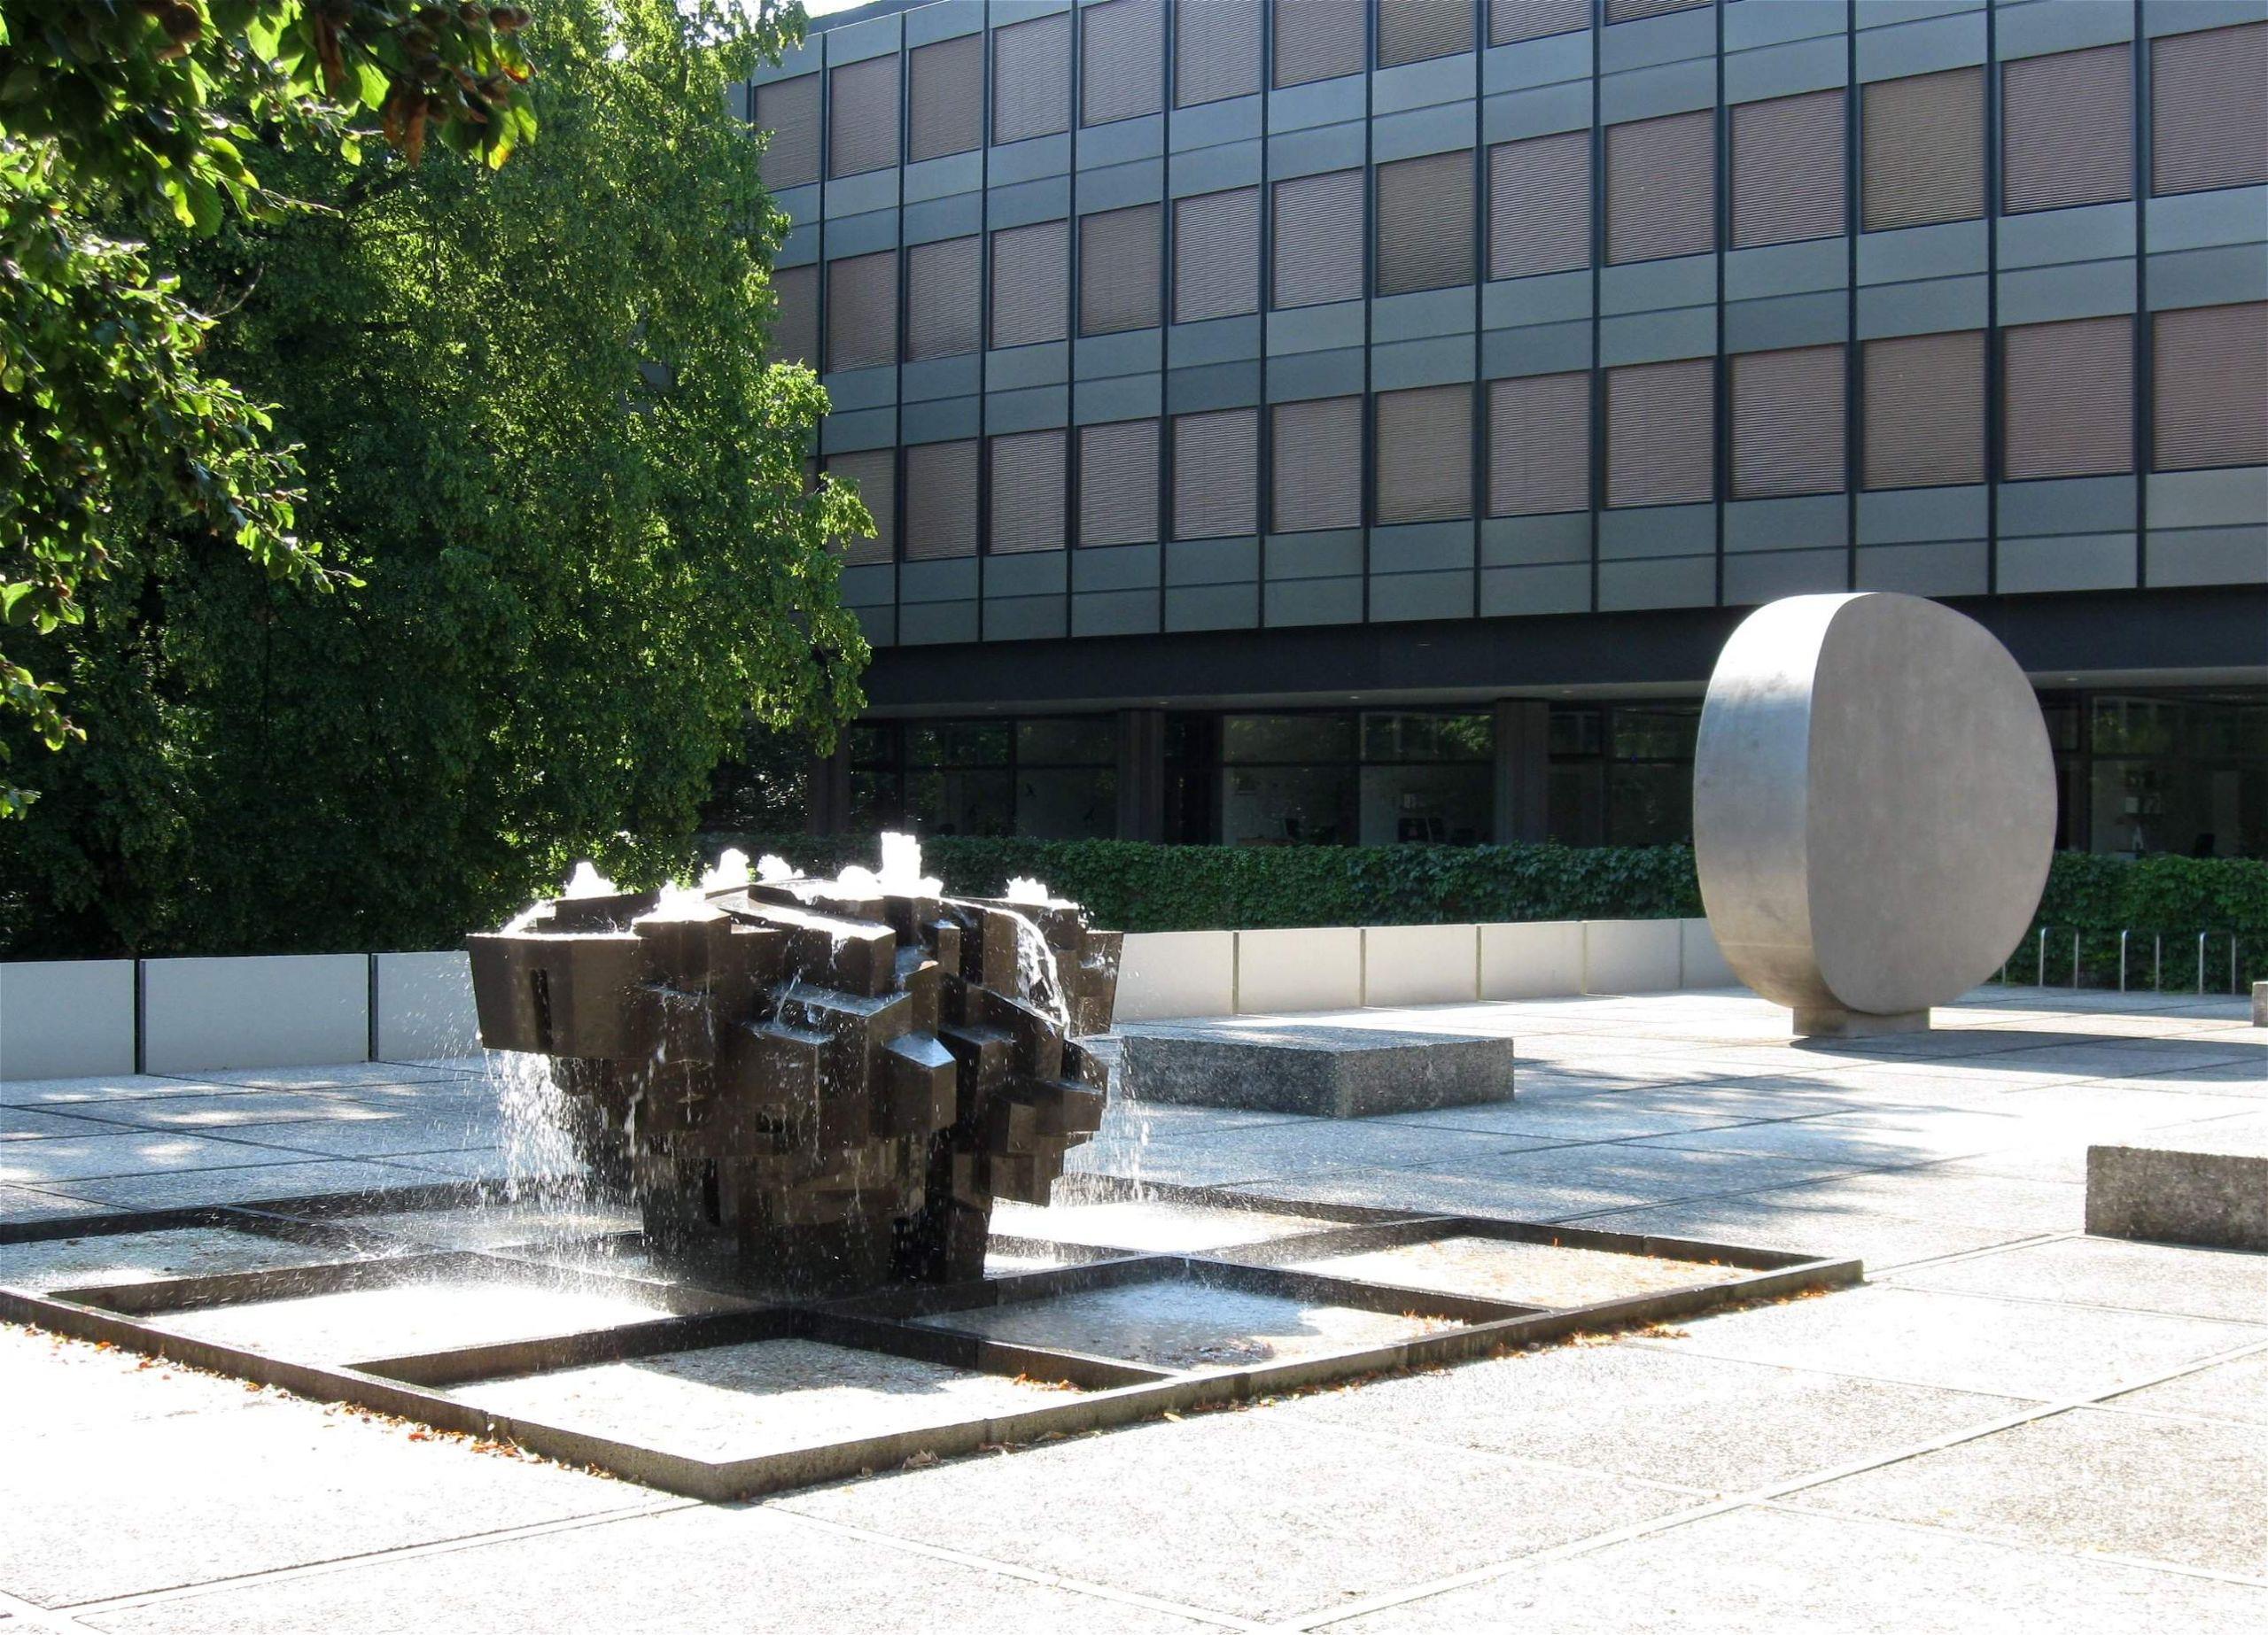 Georg Brenninger Kristallbrunnen 1965 Rupprecht Geiger Konkav gerundet 1973 Koeniginstr Muenchen 1